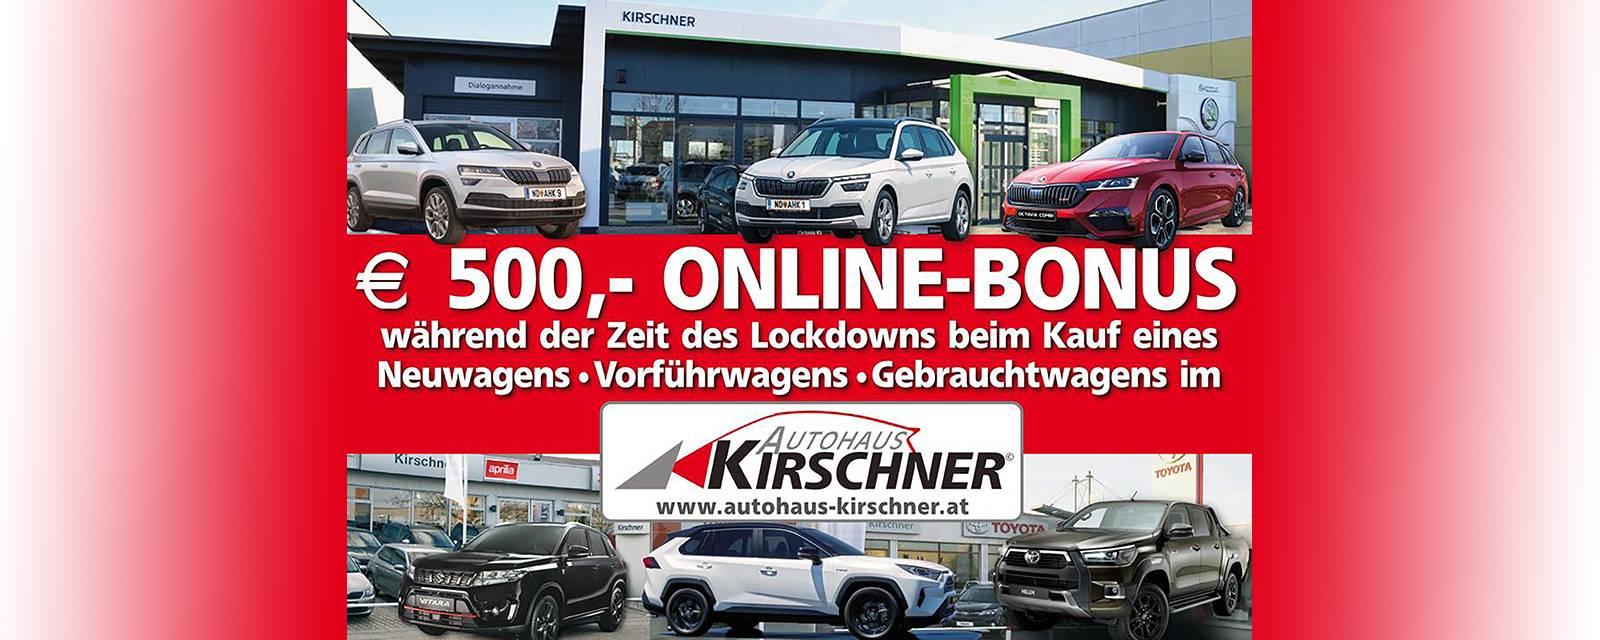 bei Autohaus Kirschner GmbH in 7123 Mönchhof